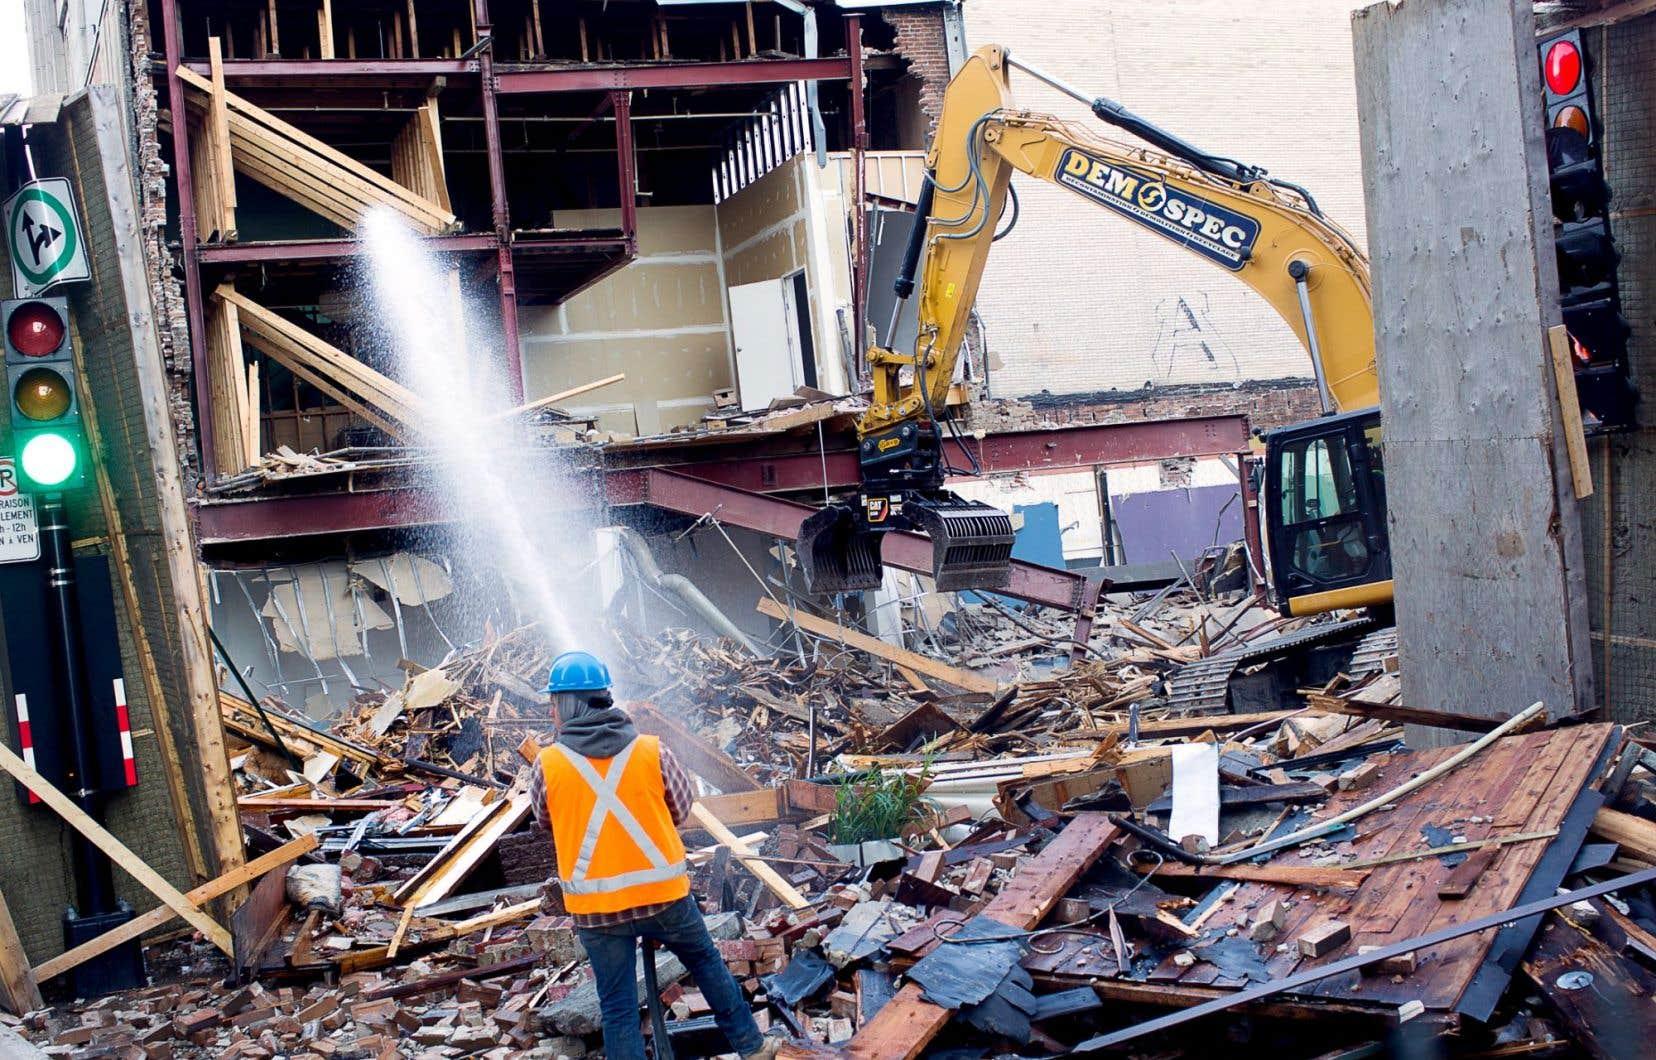 L'effondrement n'a pas fait de blessés et n'a pas causé de dommages aux immeubles avoisinants.